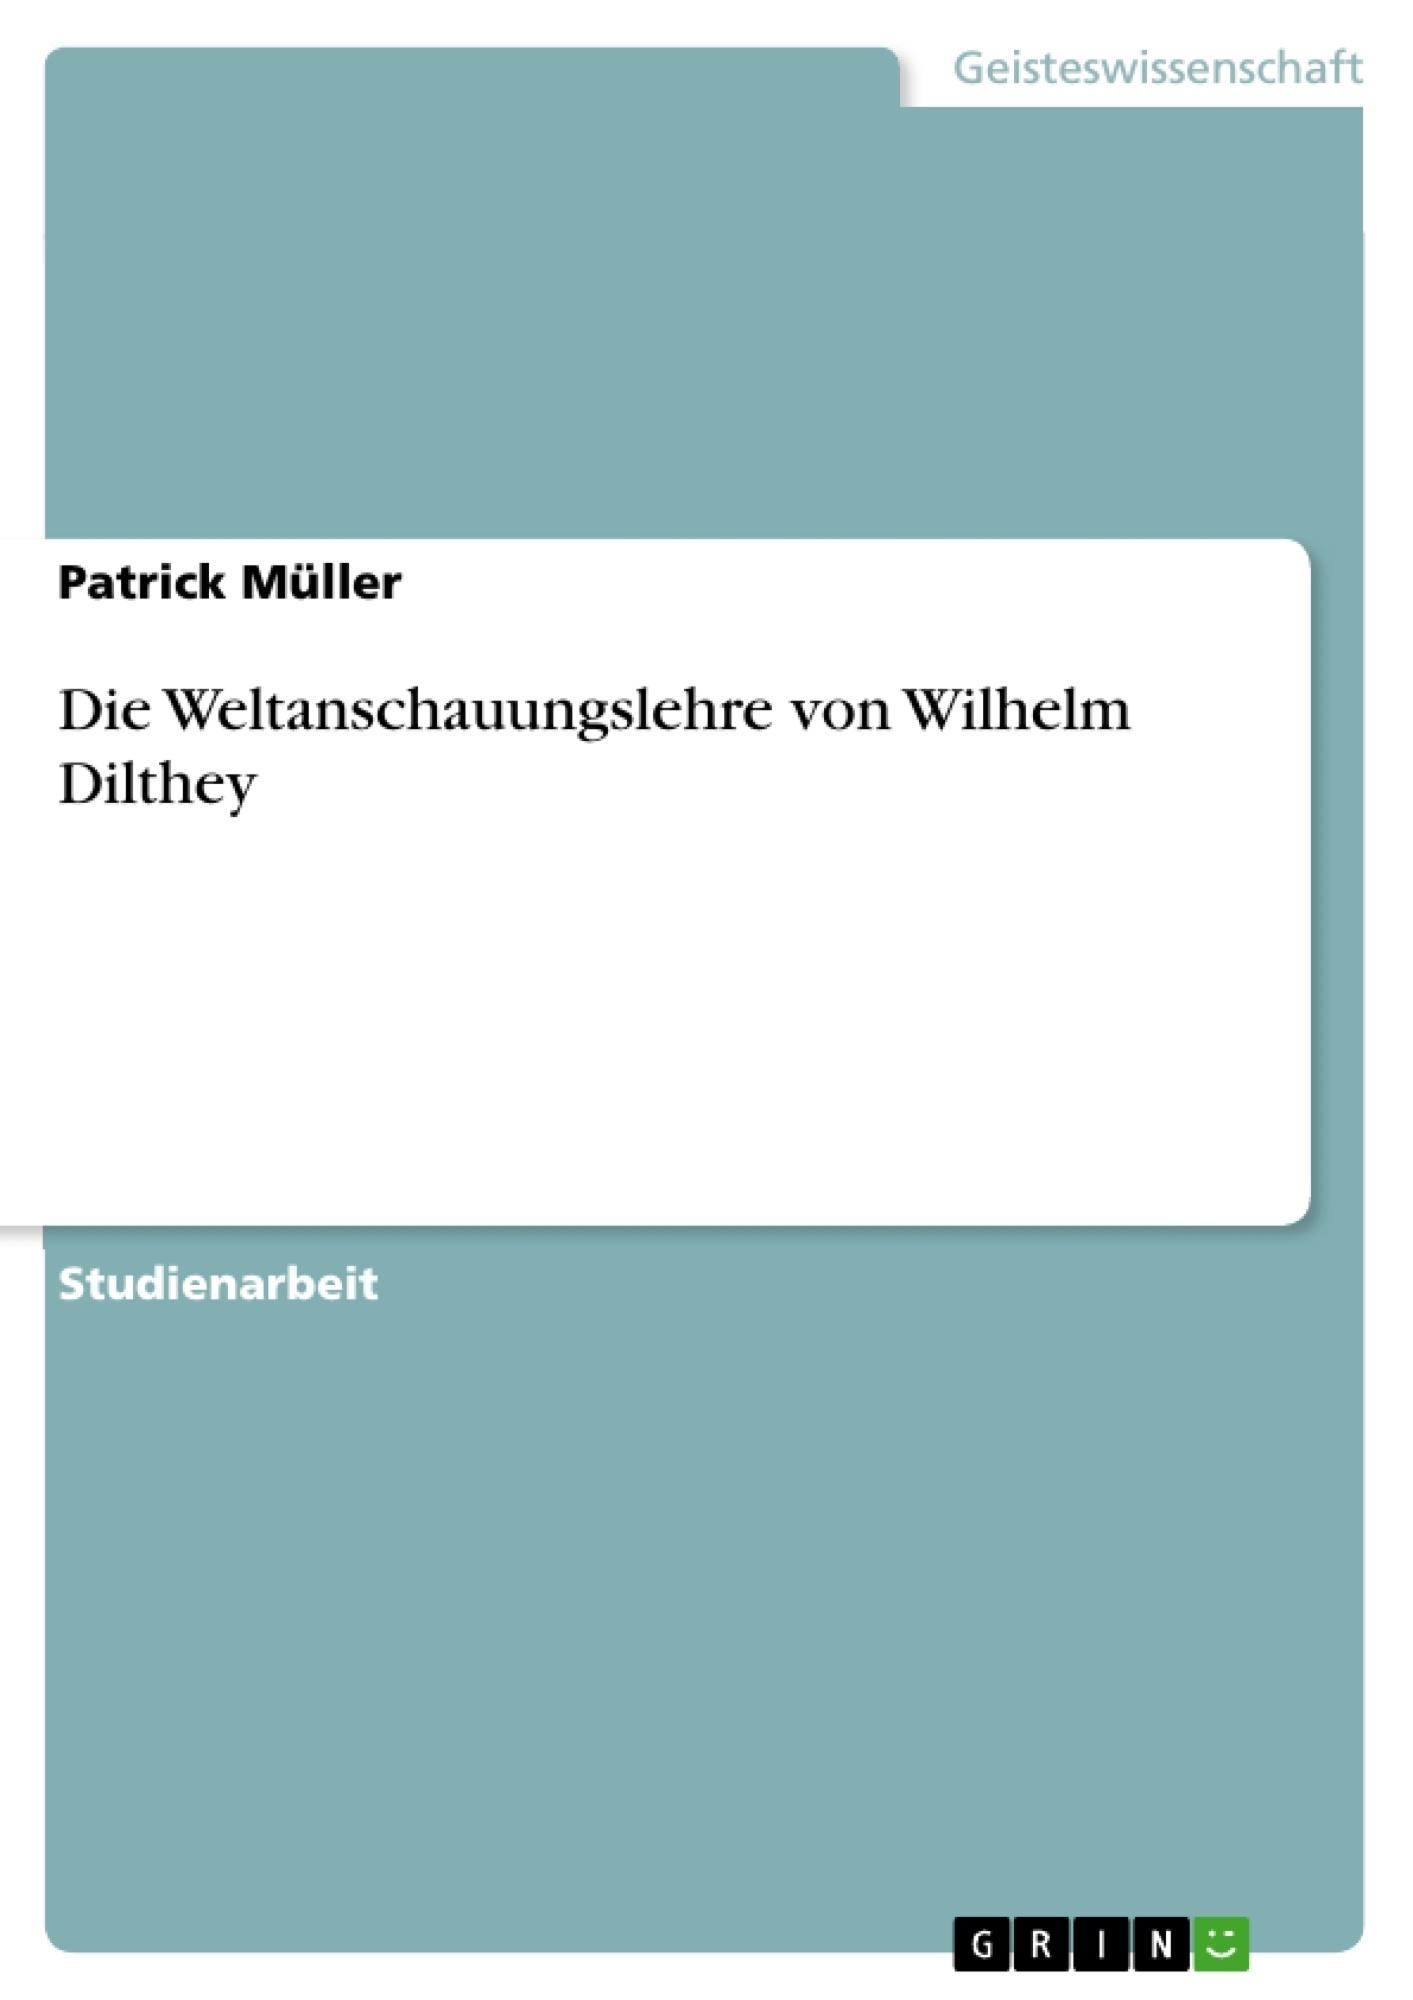 Titel: Die Weltanschauungslehre von Wilhelm Dilthey